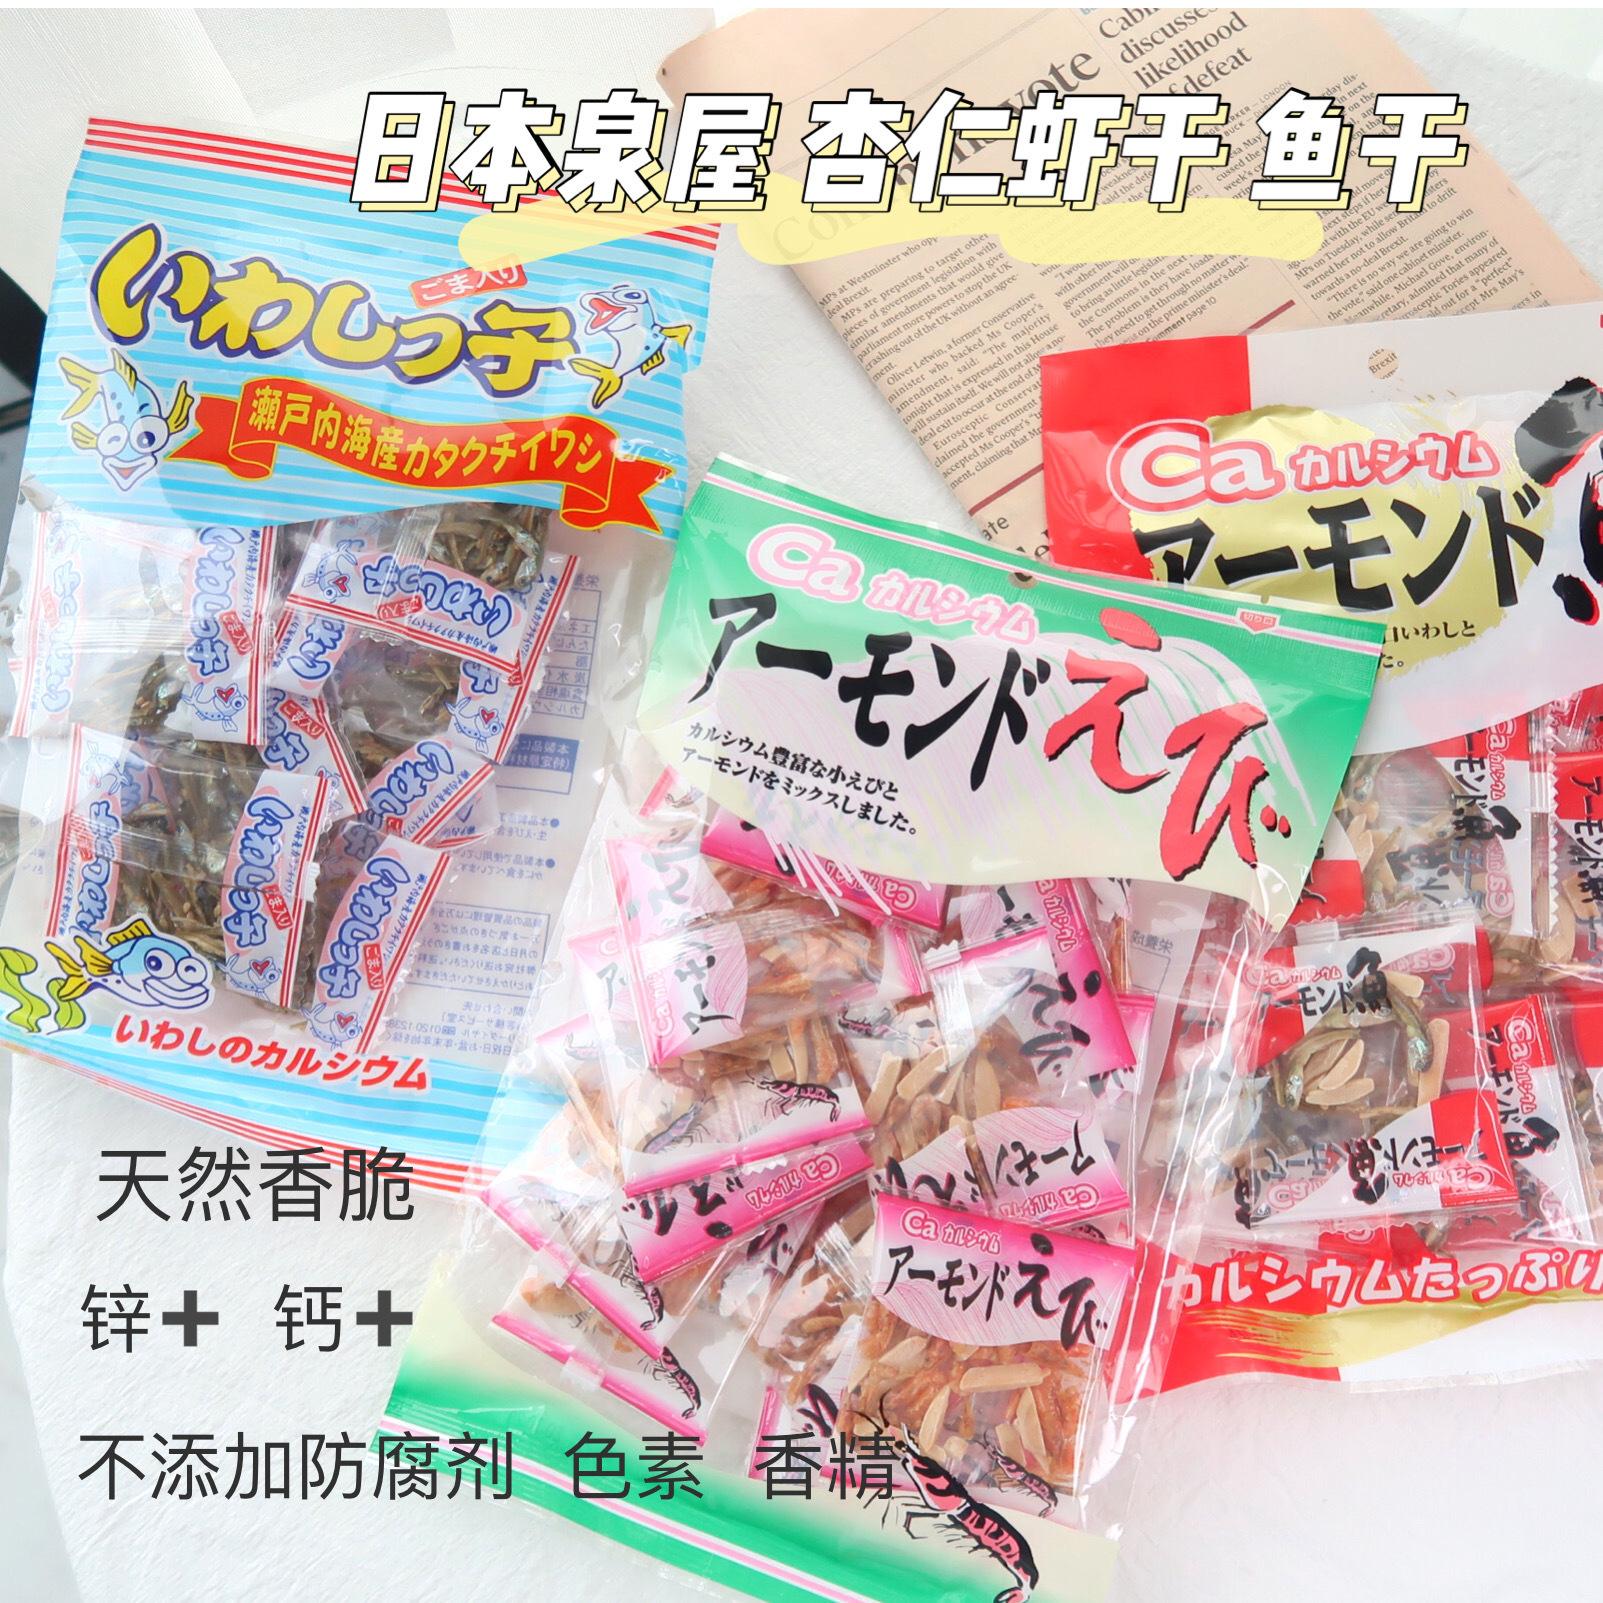 日本进口零食泉屋扁桃仁杏仁味小虾干坚果虾干儿童海产休闲食品